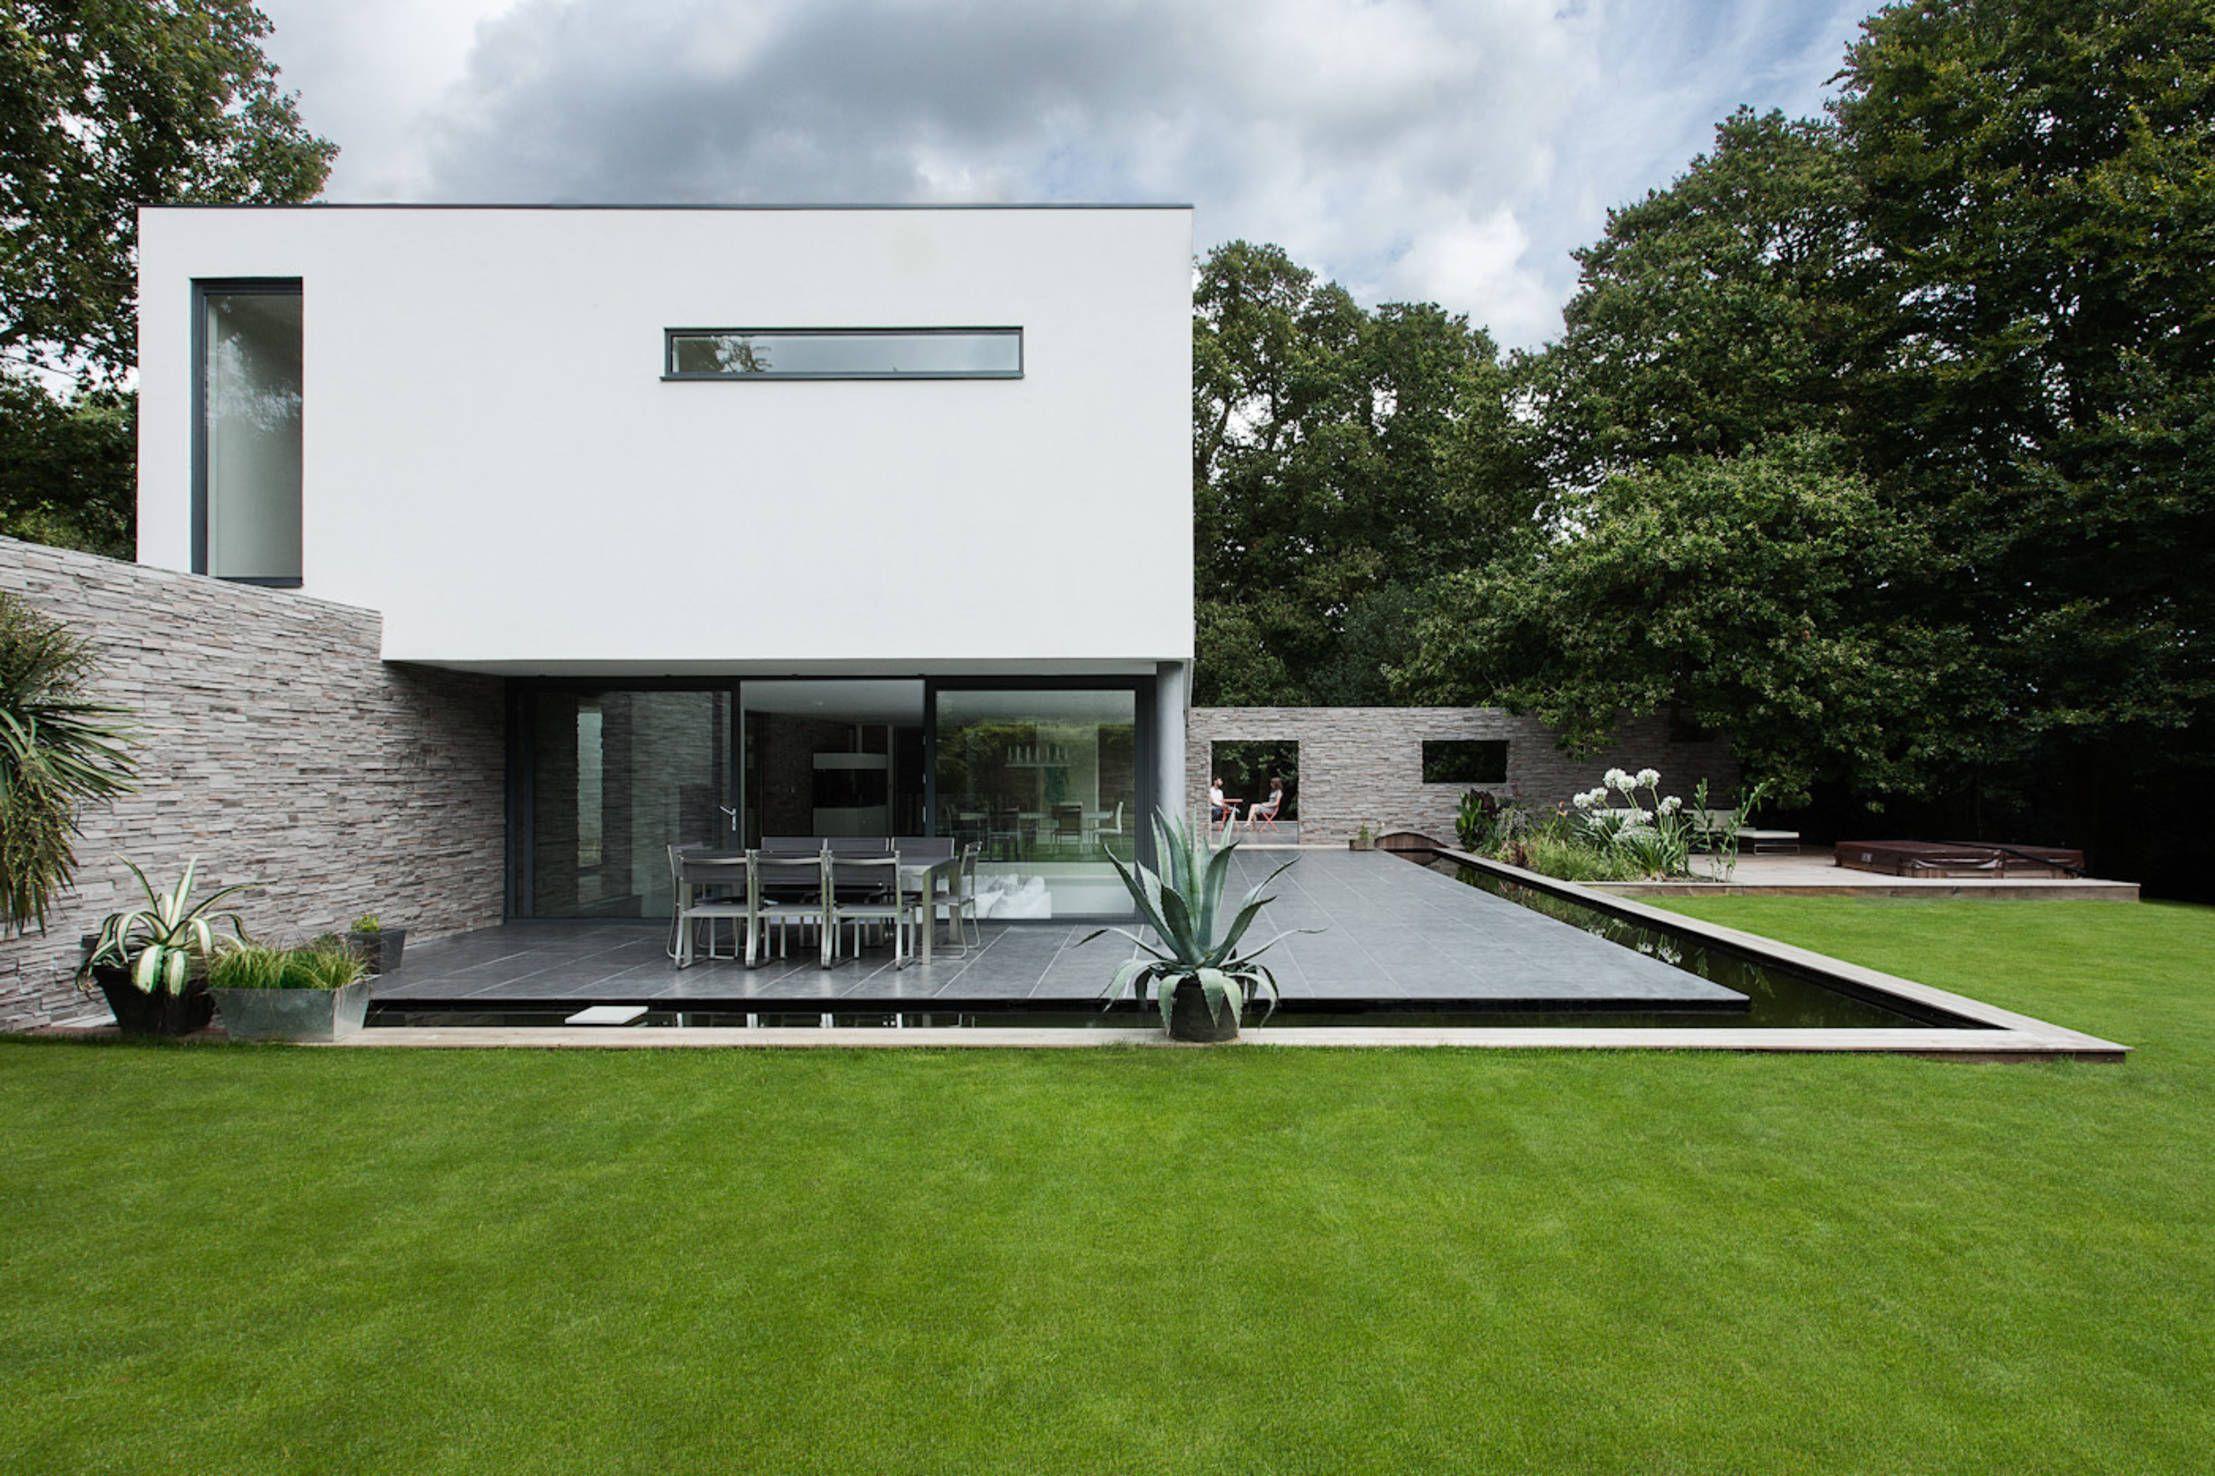 Wohntraum für Puristen | Pinterest | Häuschen, Architektur und Flachdach